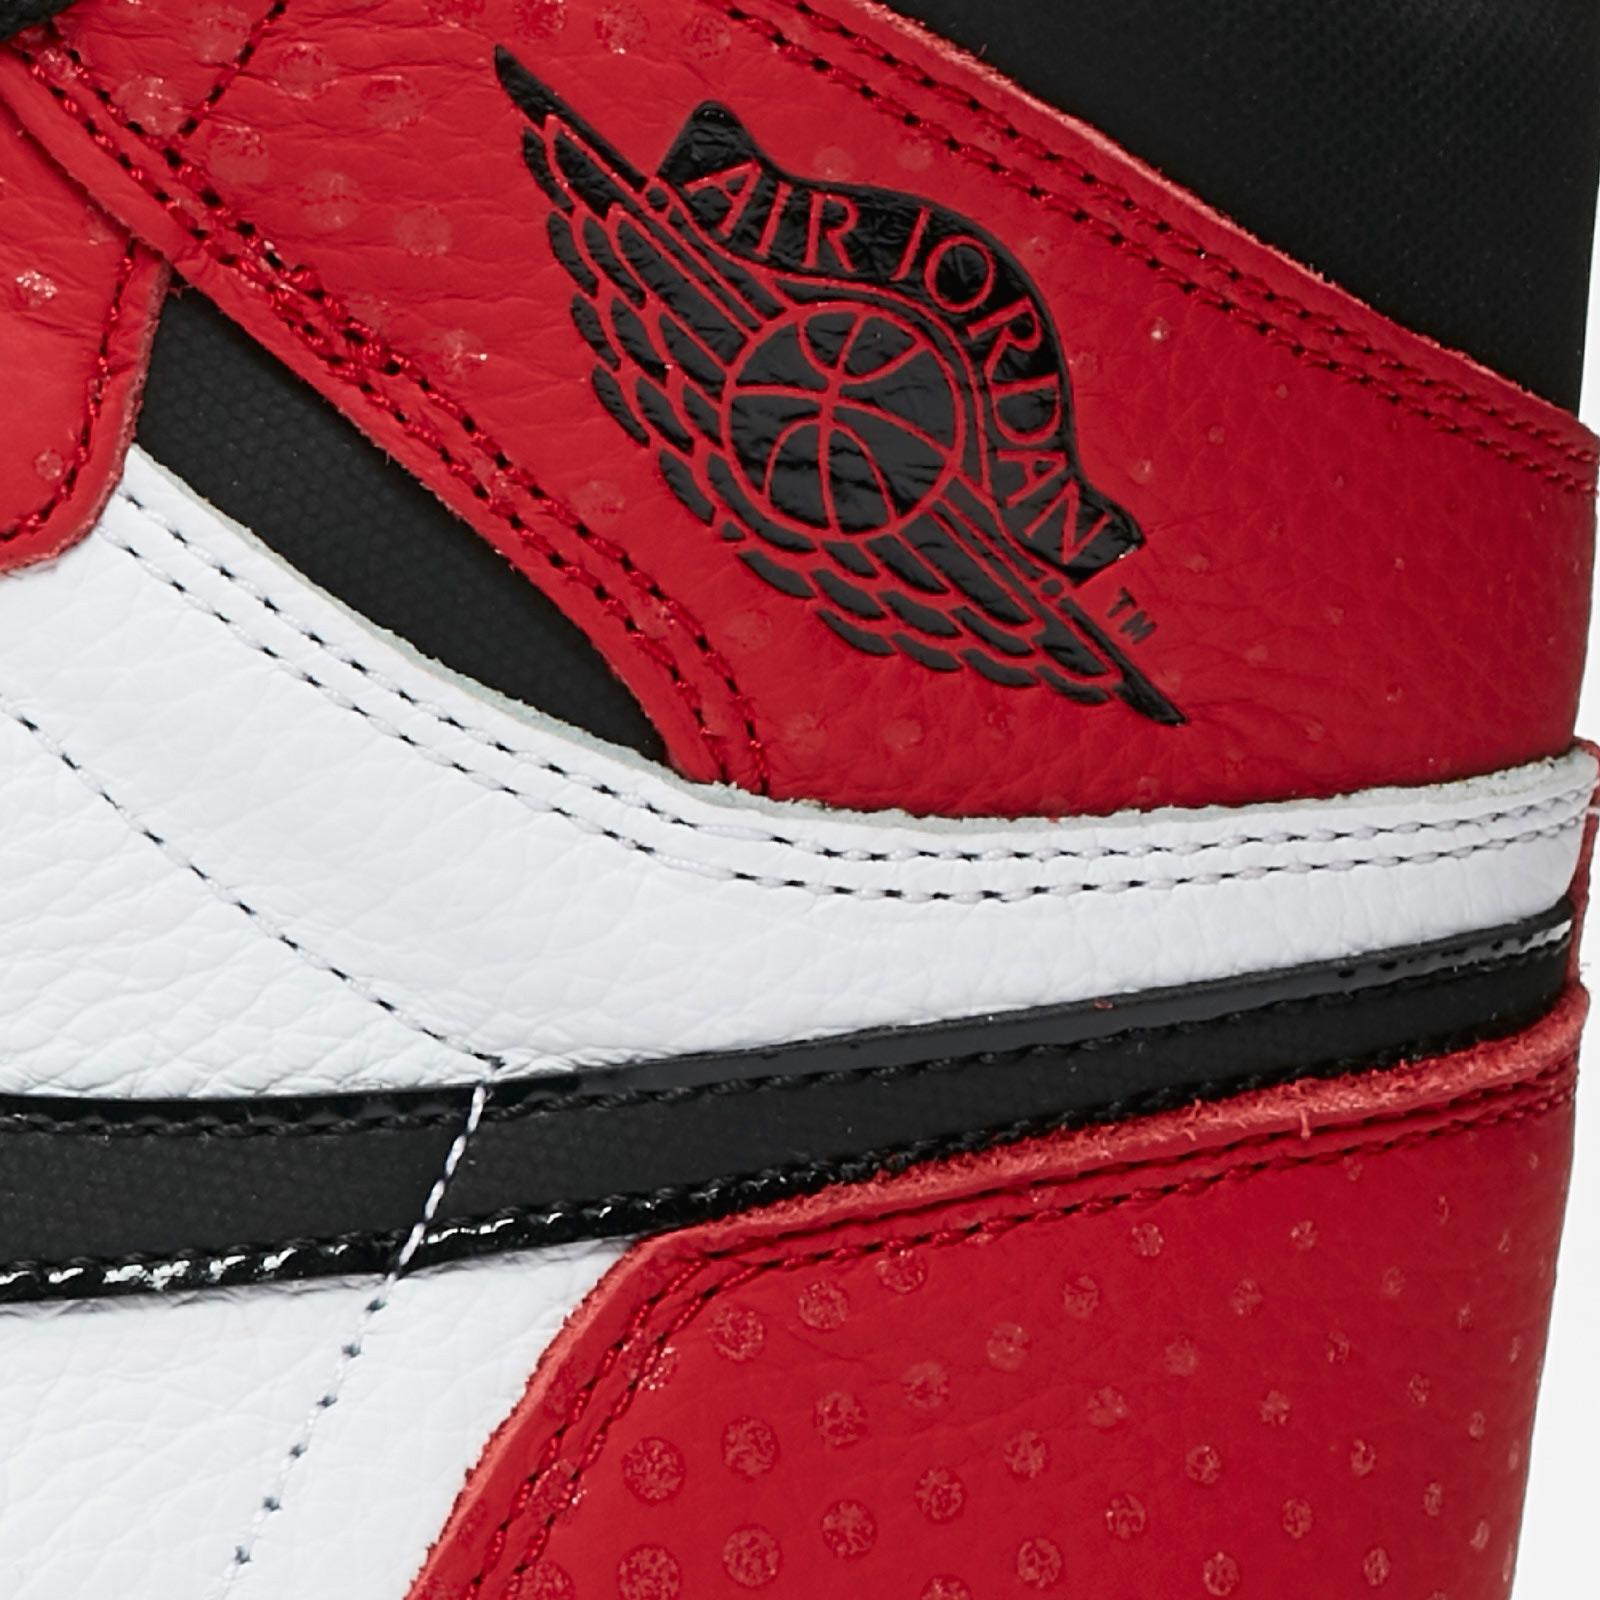 dea64fa0aea052 Jordan Brand Air Jordan 1 Retro High OG - 555088-602 ...